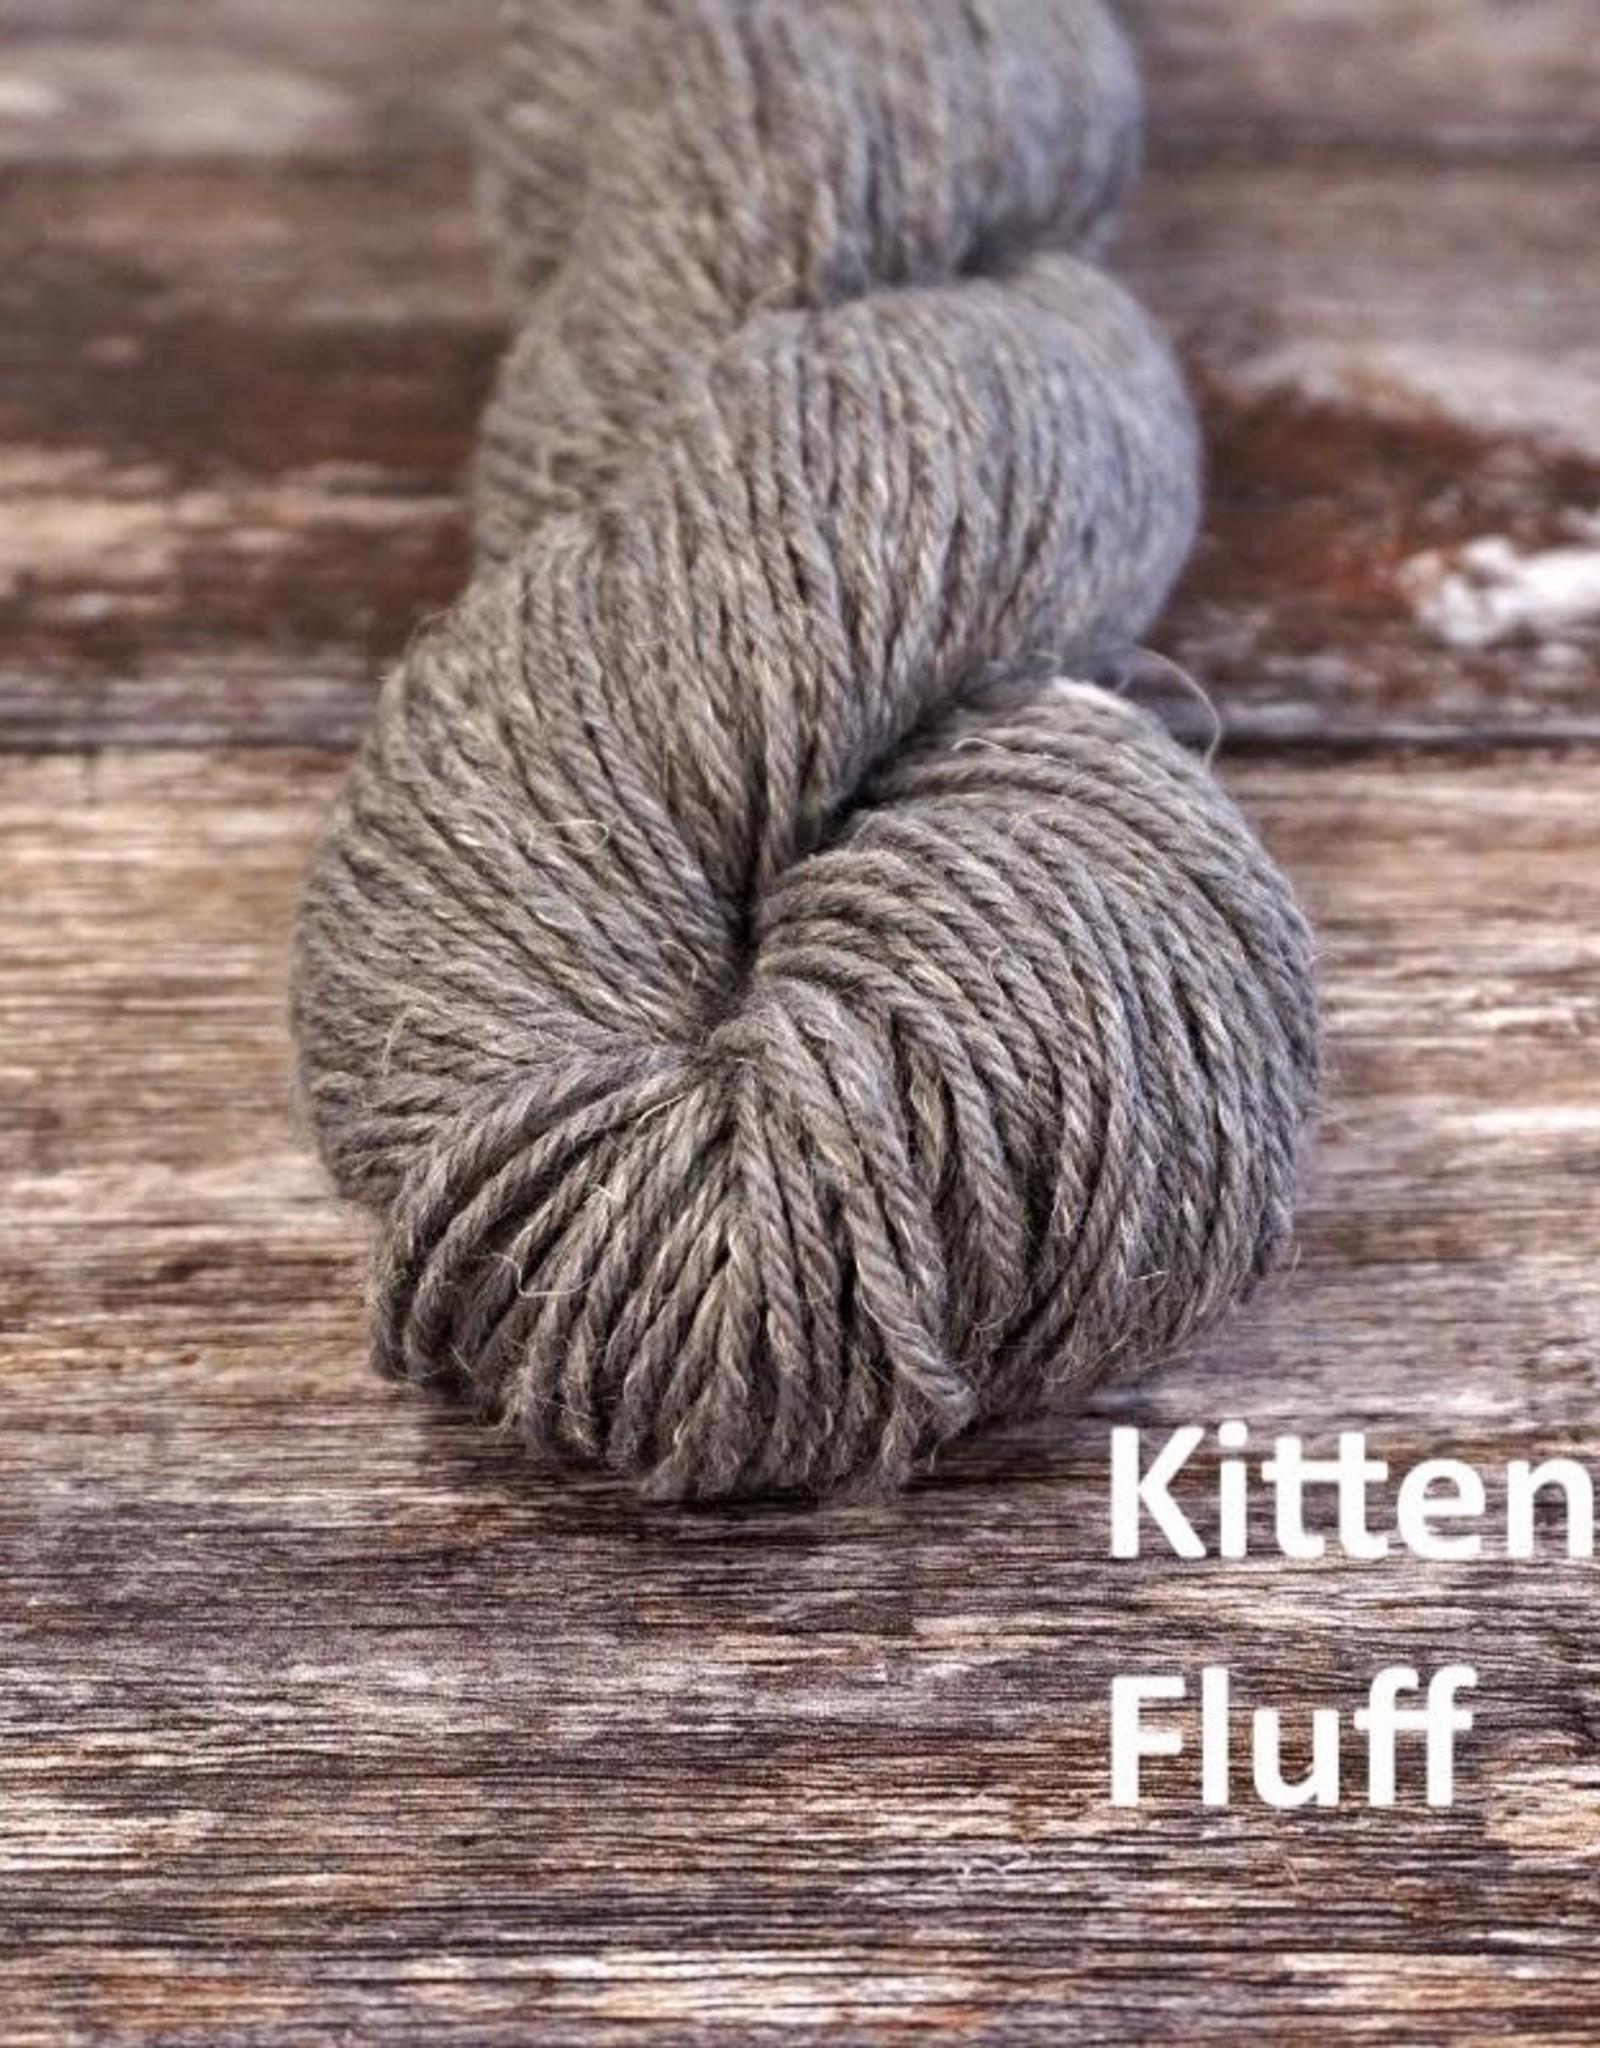 Nua - Kitten Fluff 9810